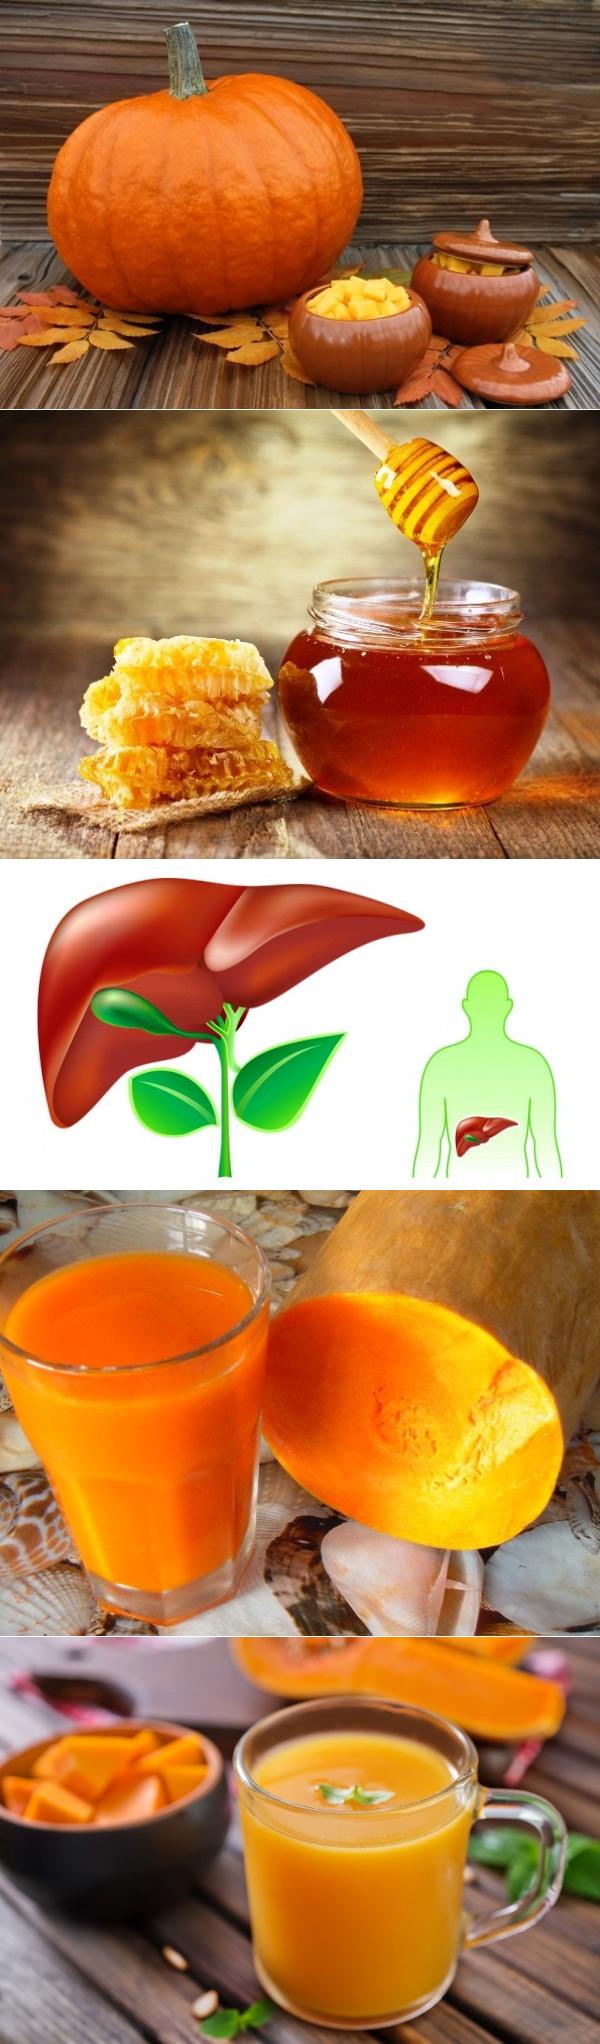 очищение печени тыквой с медом